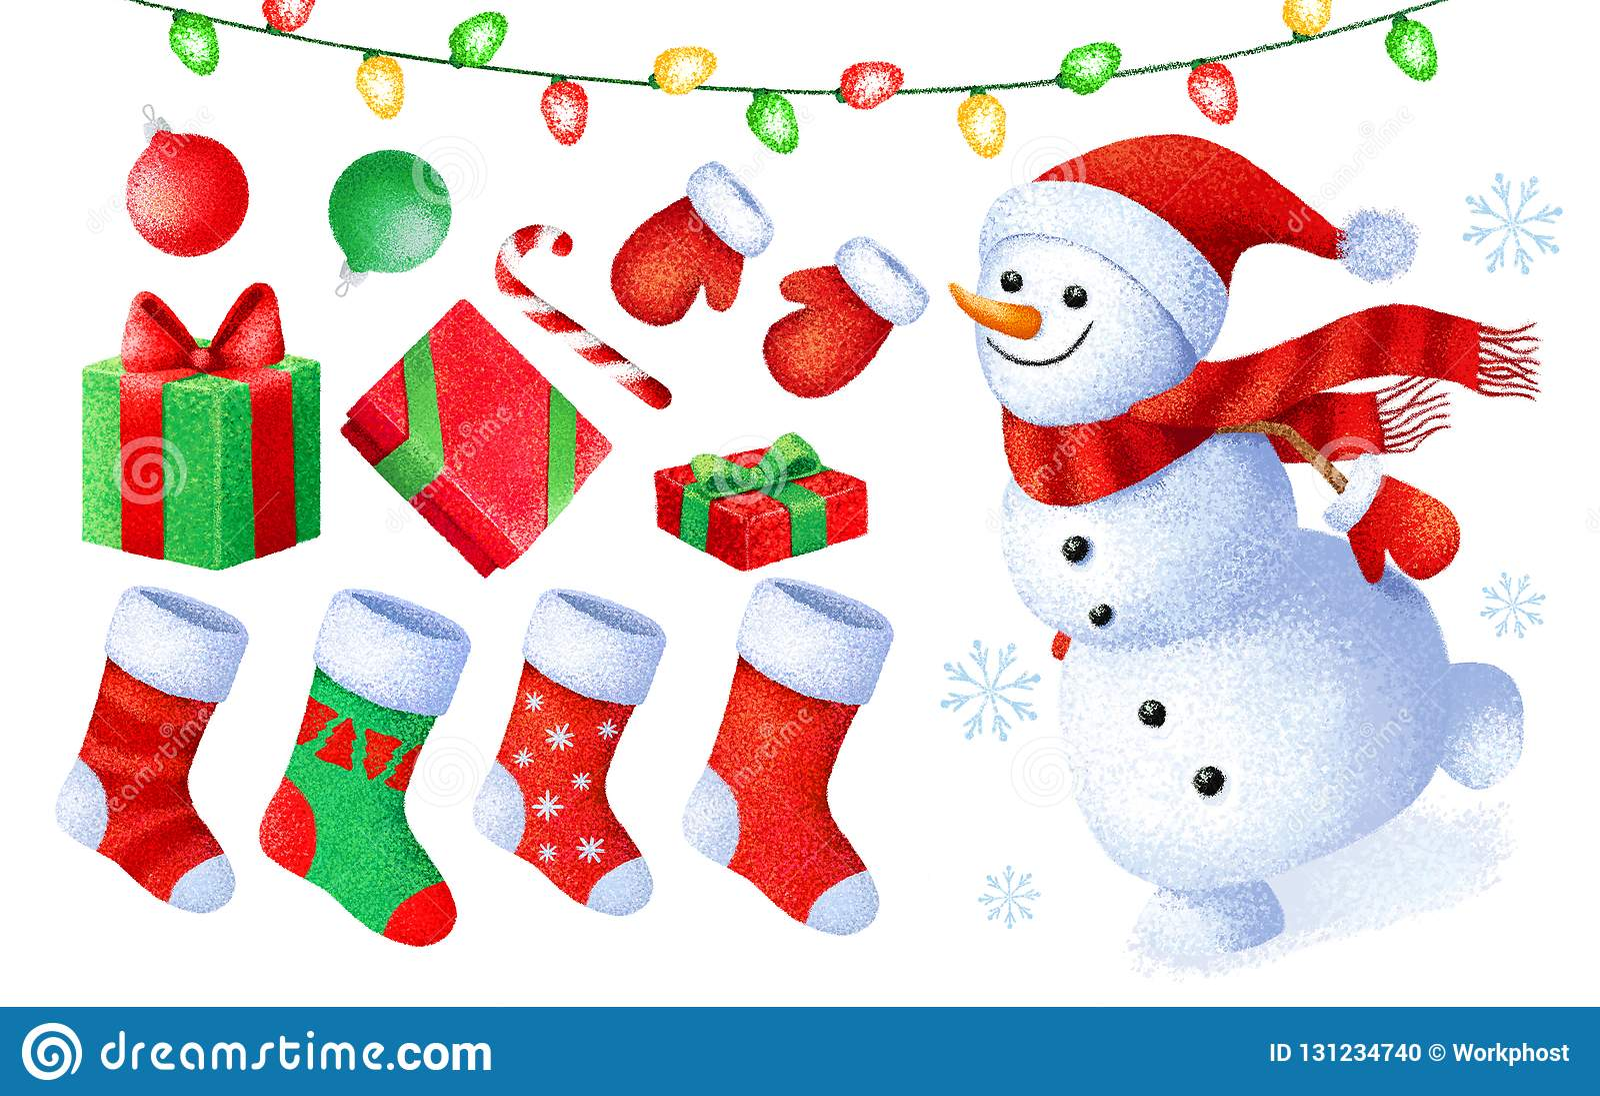 8292139a50 Collection de peinture de Noël de bande dessinée et de nouvelle année  Ensemble d'icônes de Noël Empreinte digitale